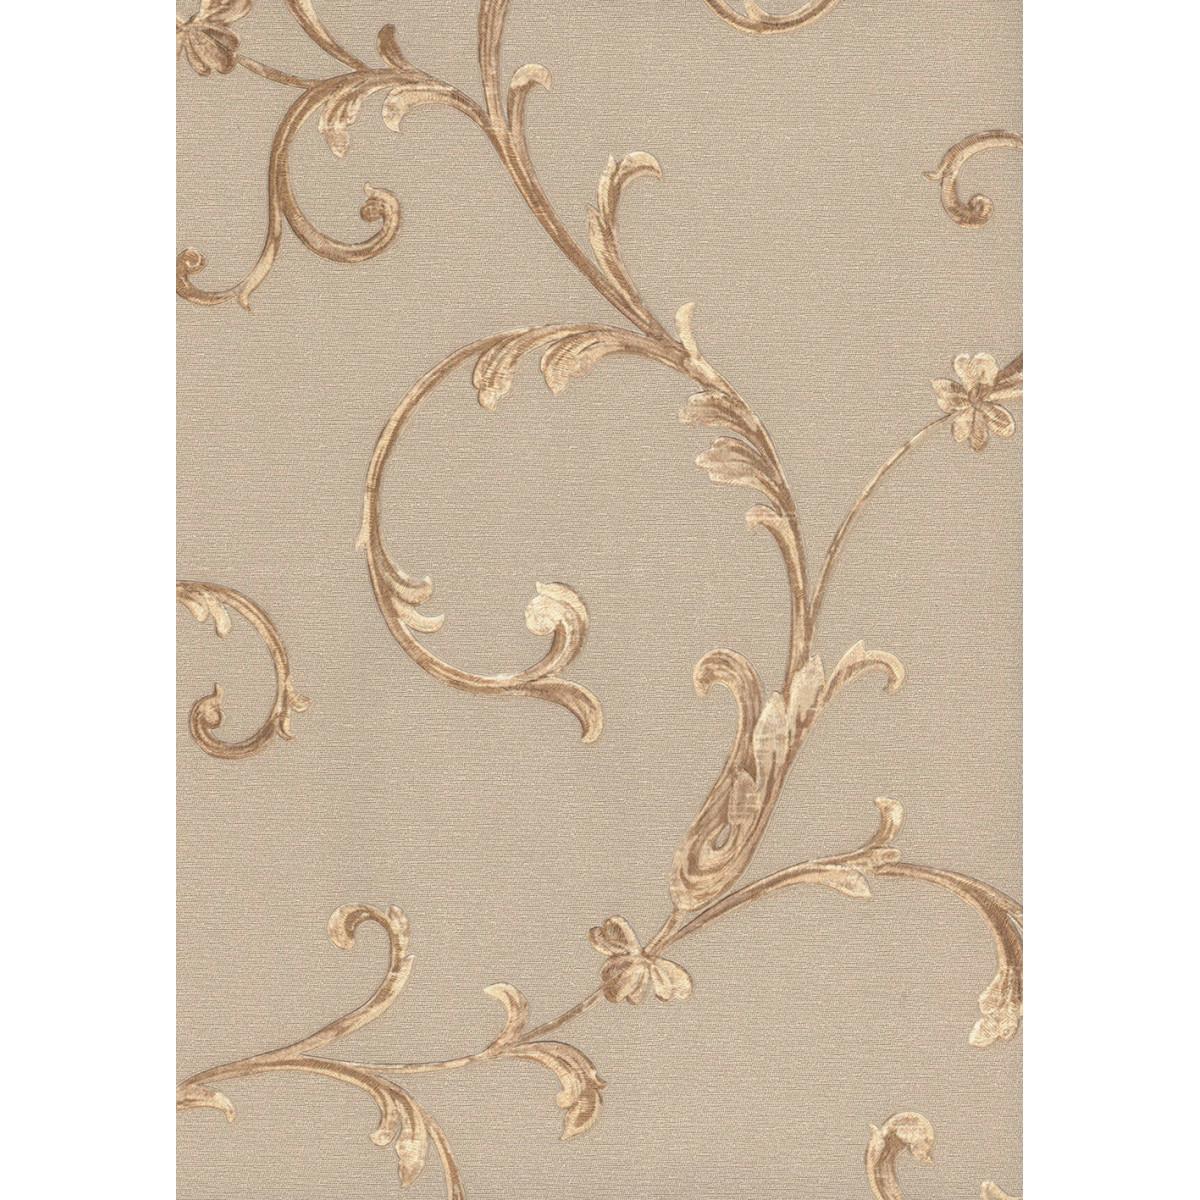 Обои флизелиновые Sirpi Muralto Style розовые 1.06 м 31890